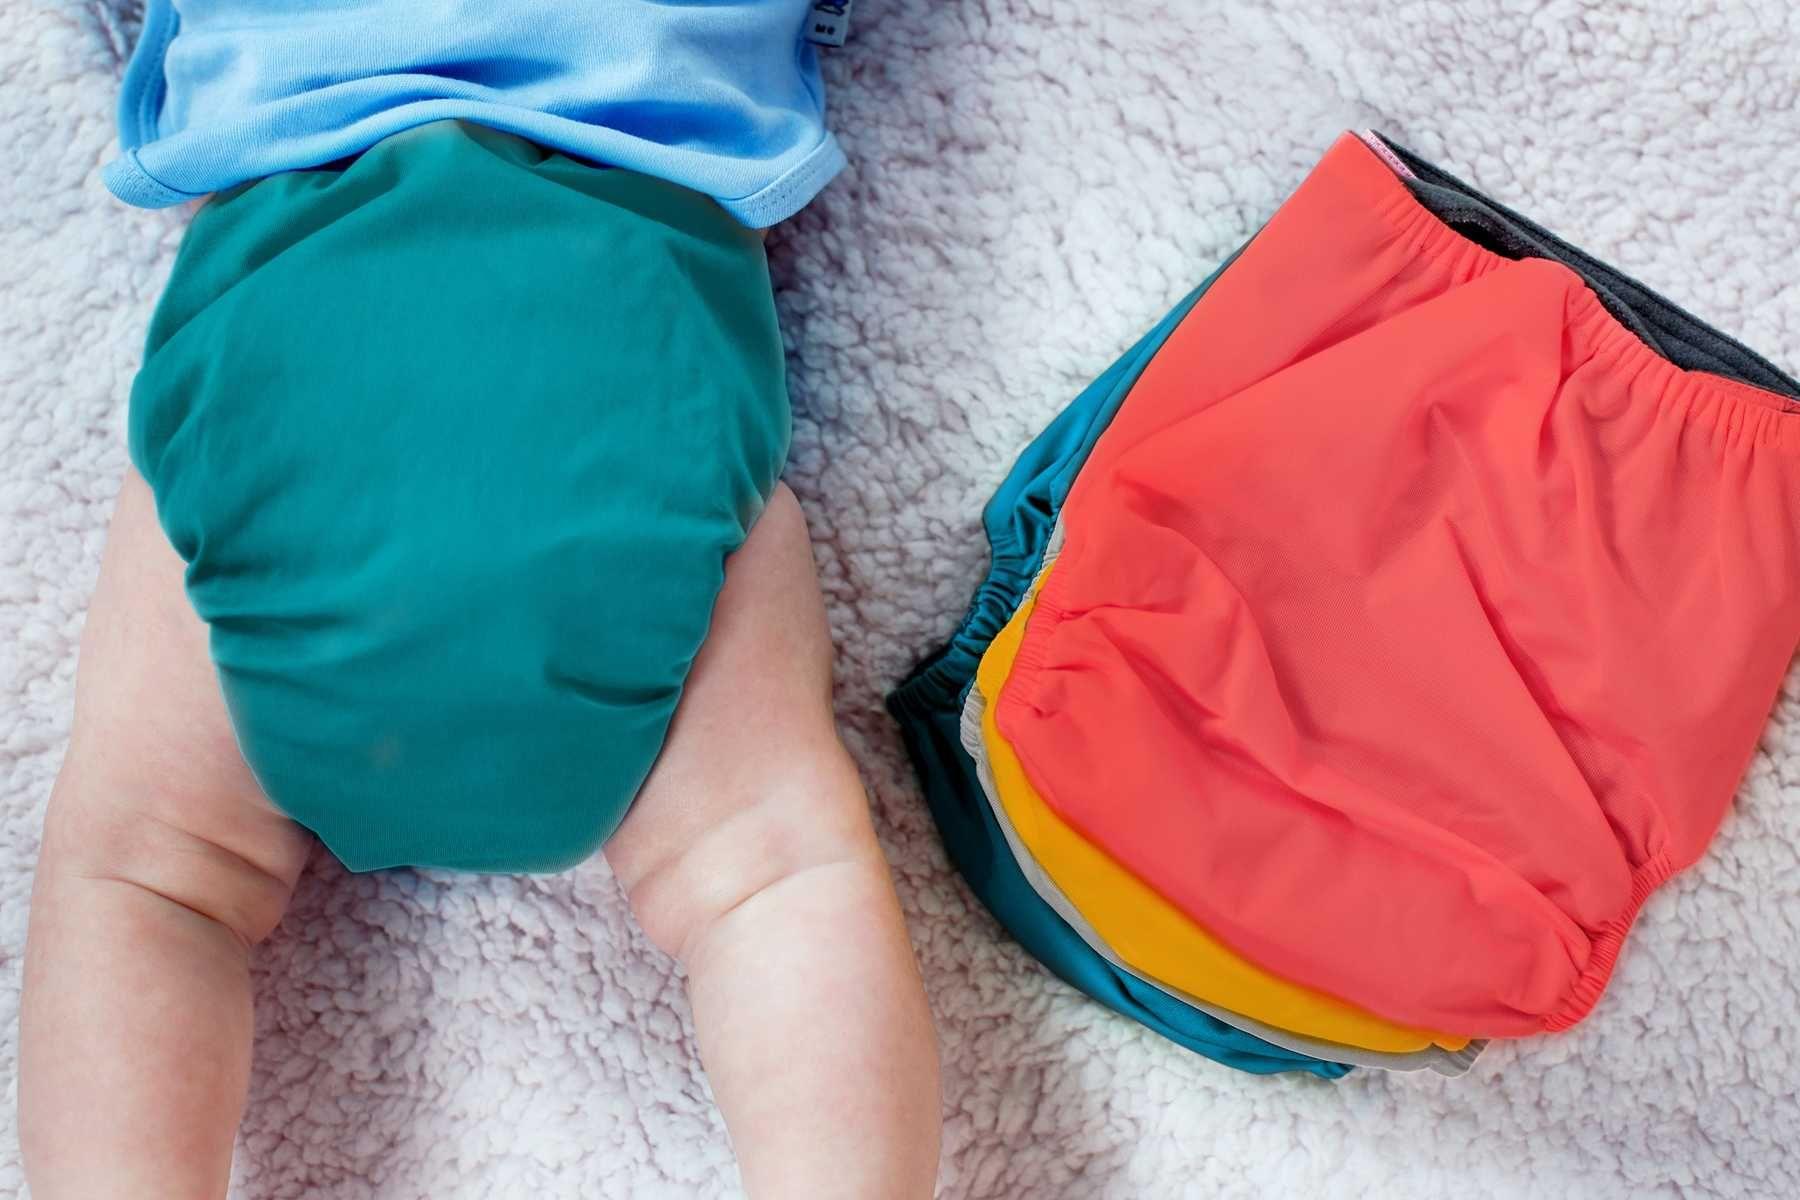 Lưu ý khi dùng tã vải cho người lần đầu làm mẹ